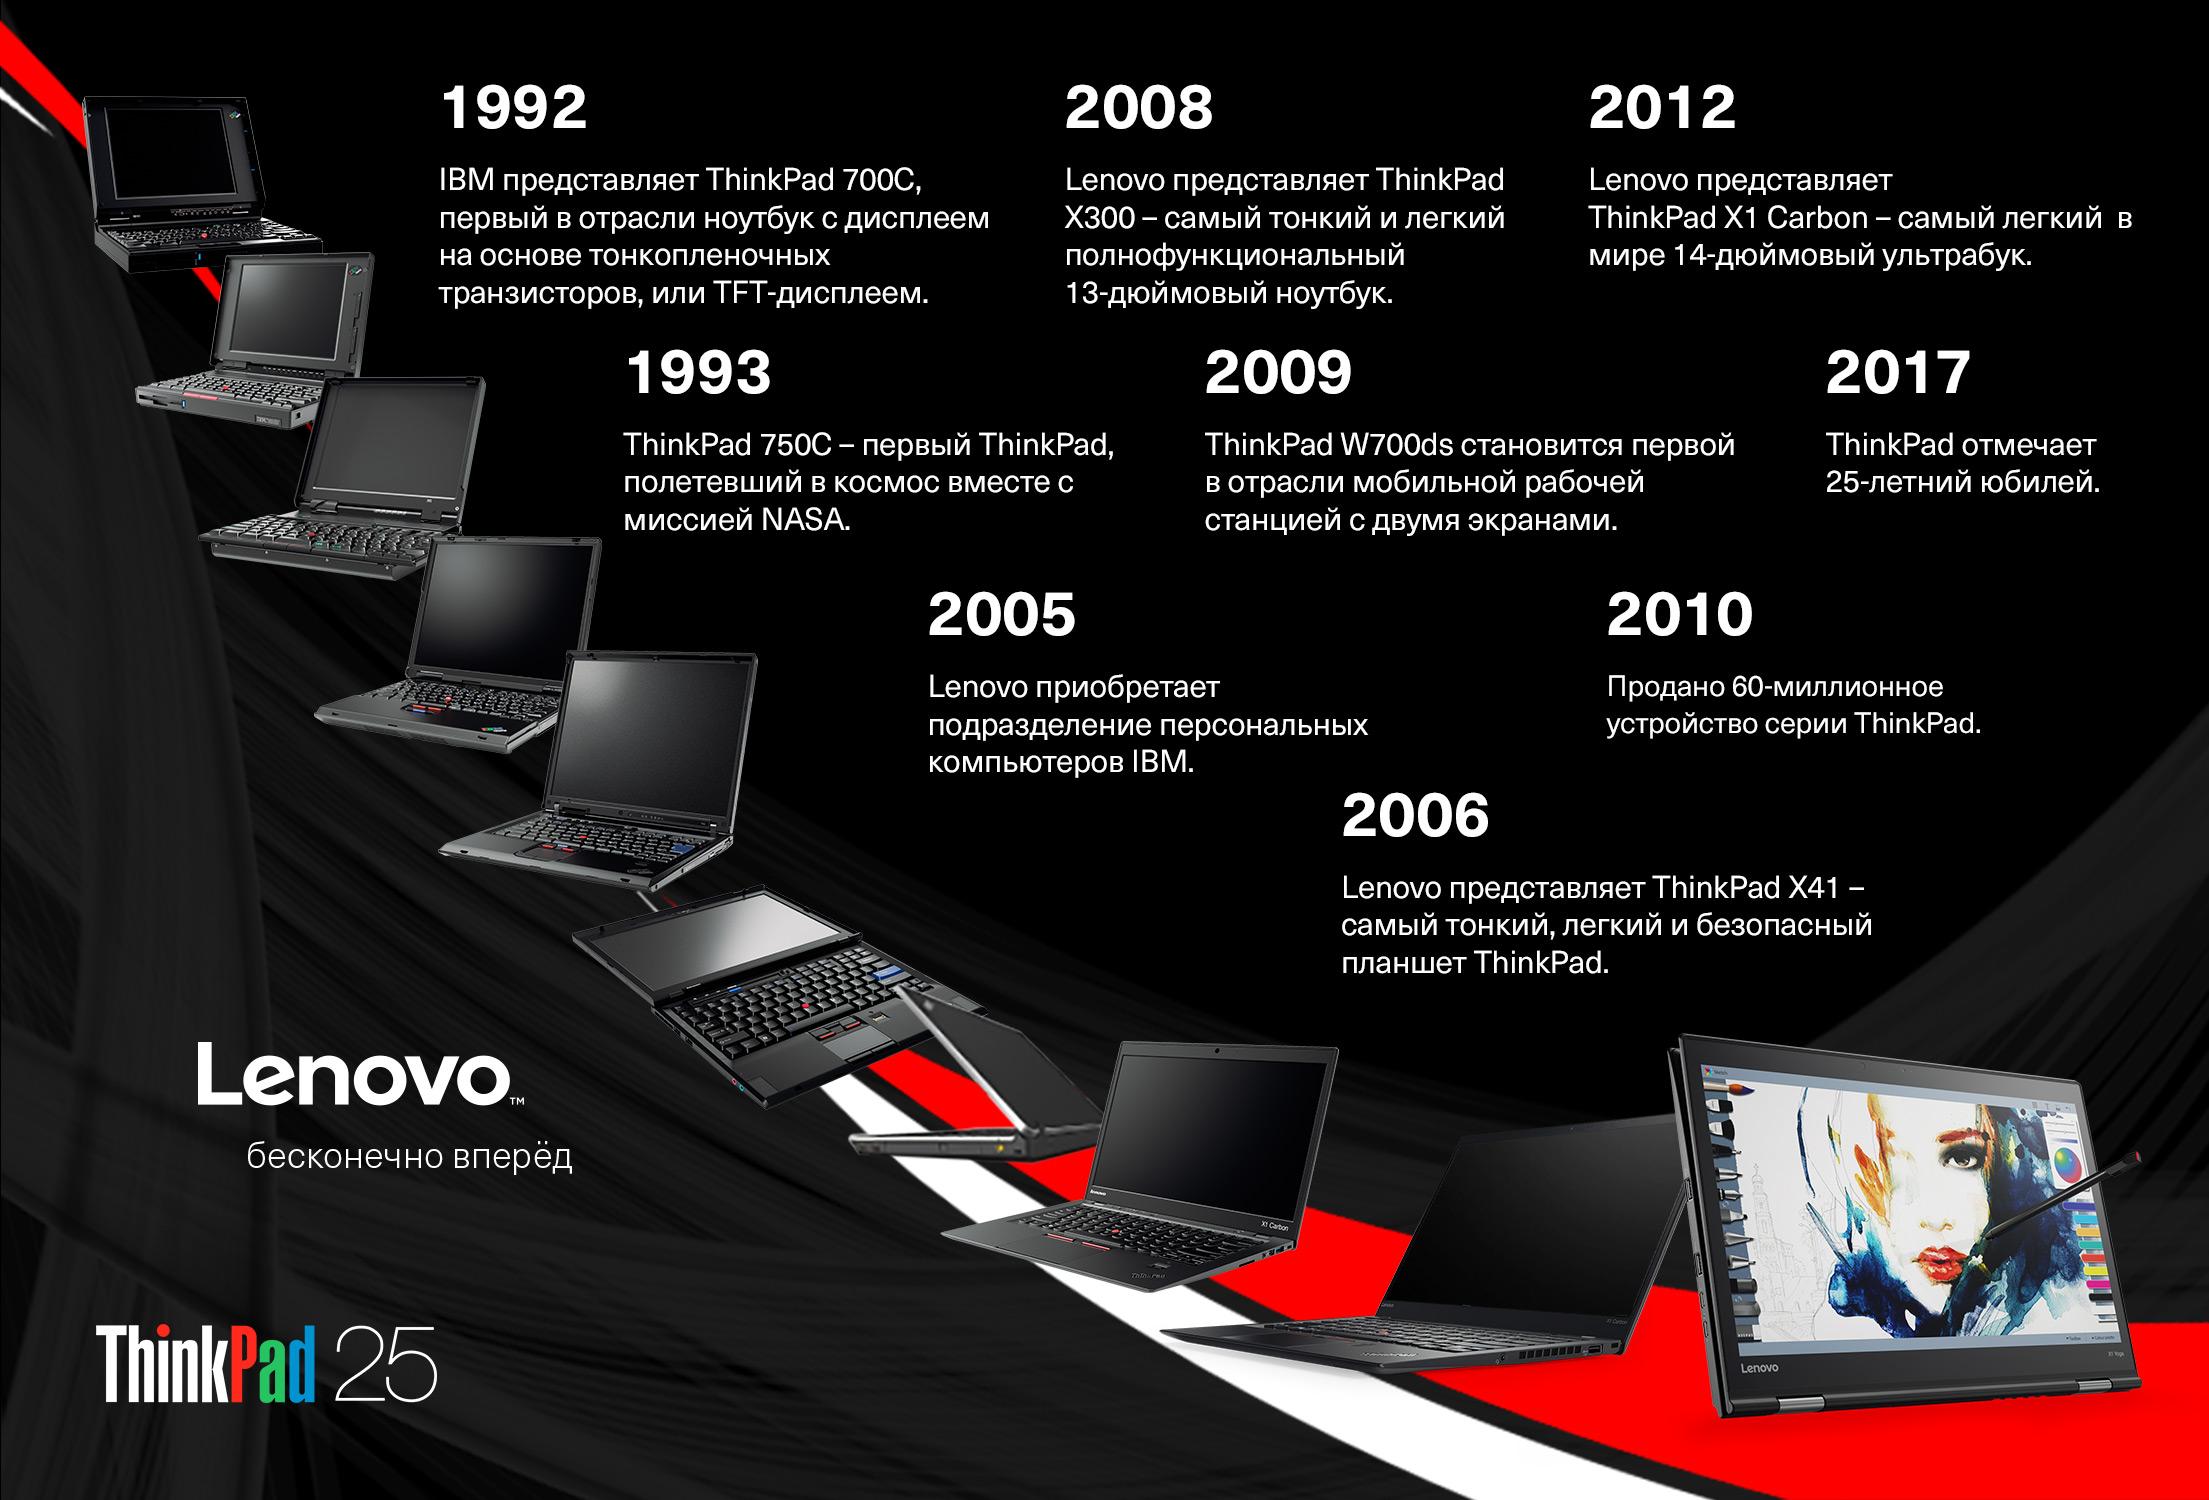 Ноутбук ThinkPad празднует юбилей – 25 лет инноваций для бизнеса